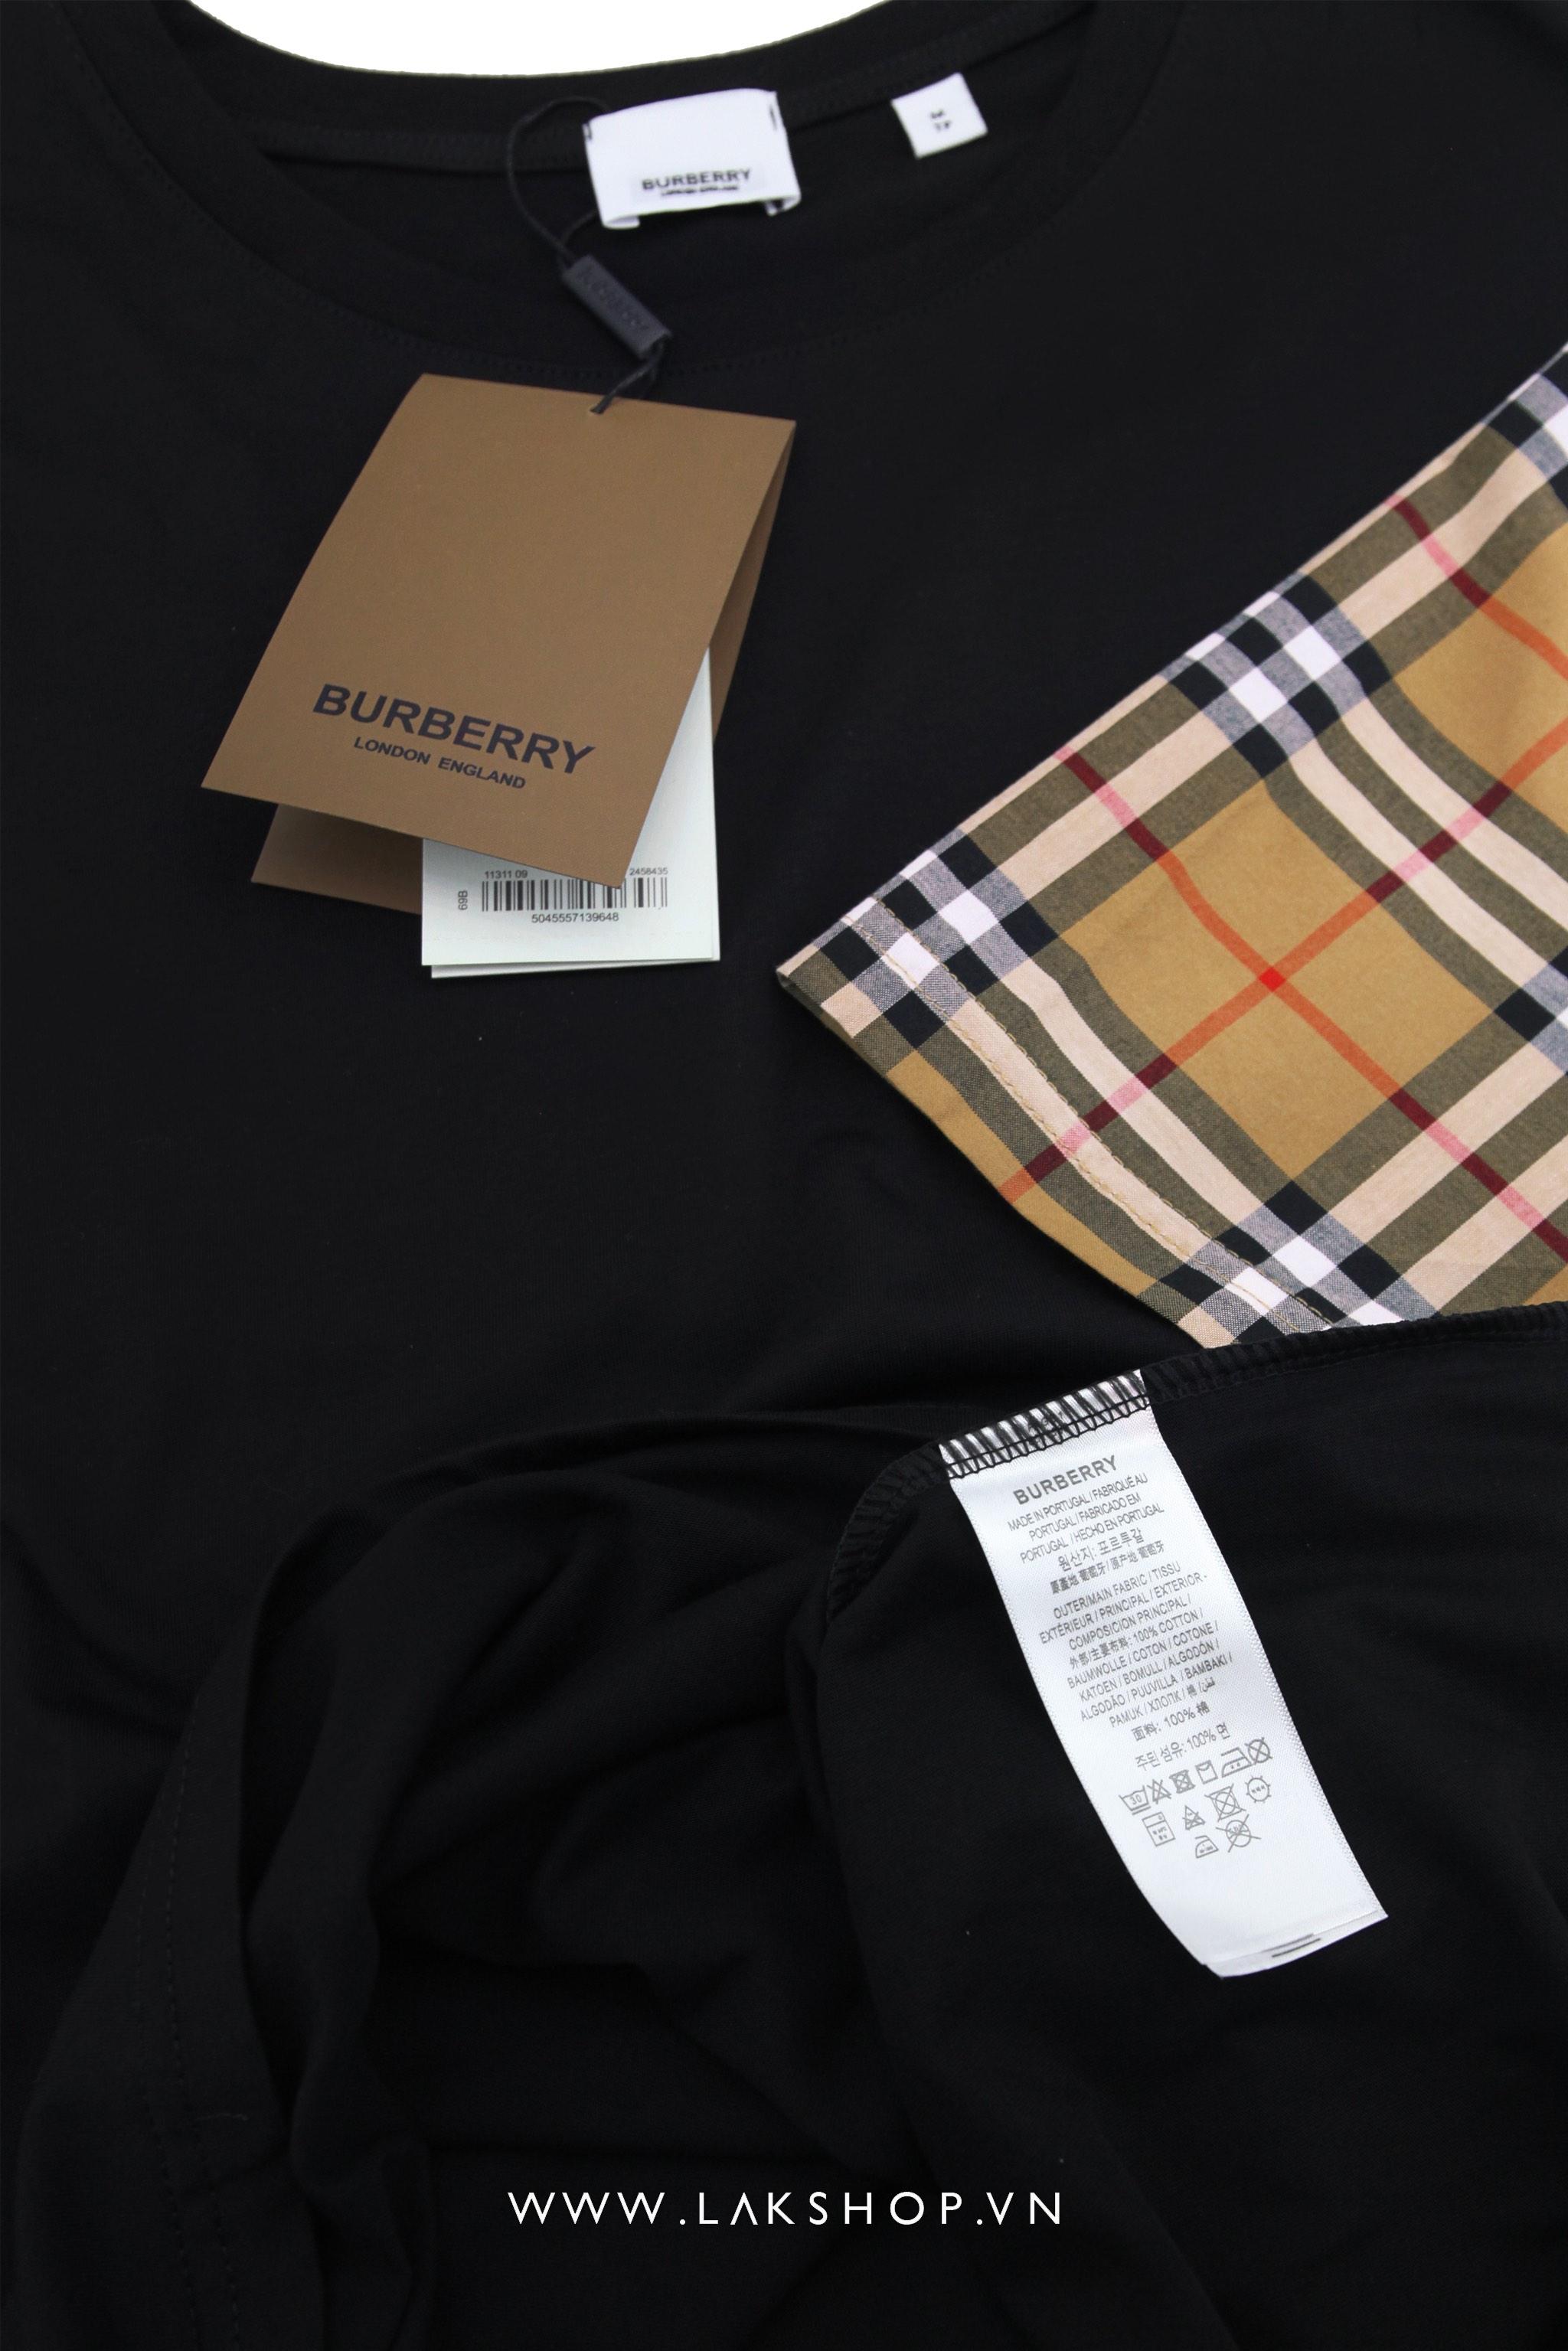 Burberry Checked Sleeves Black T-shirt (Bản đẹp)